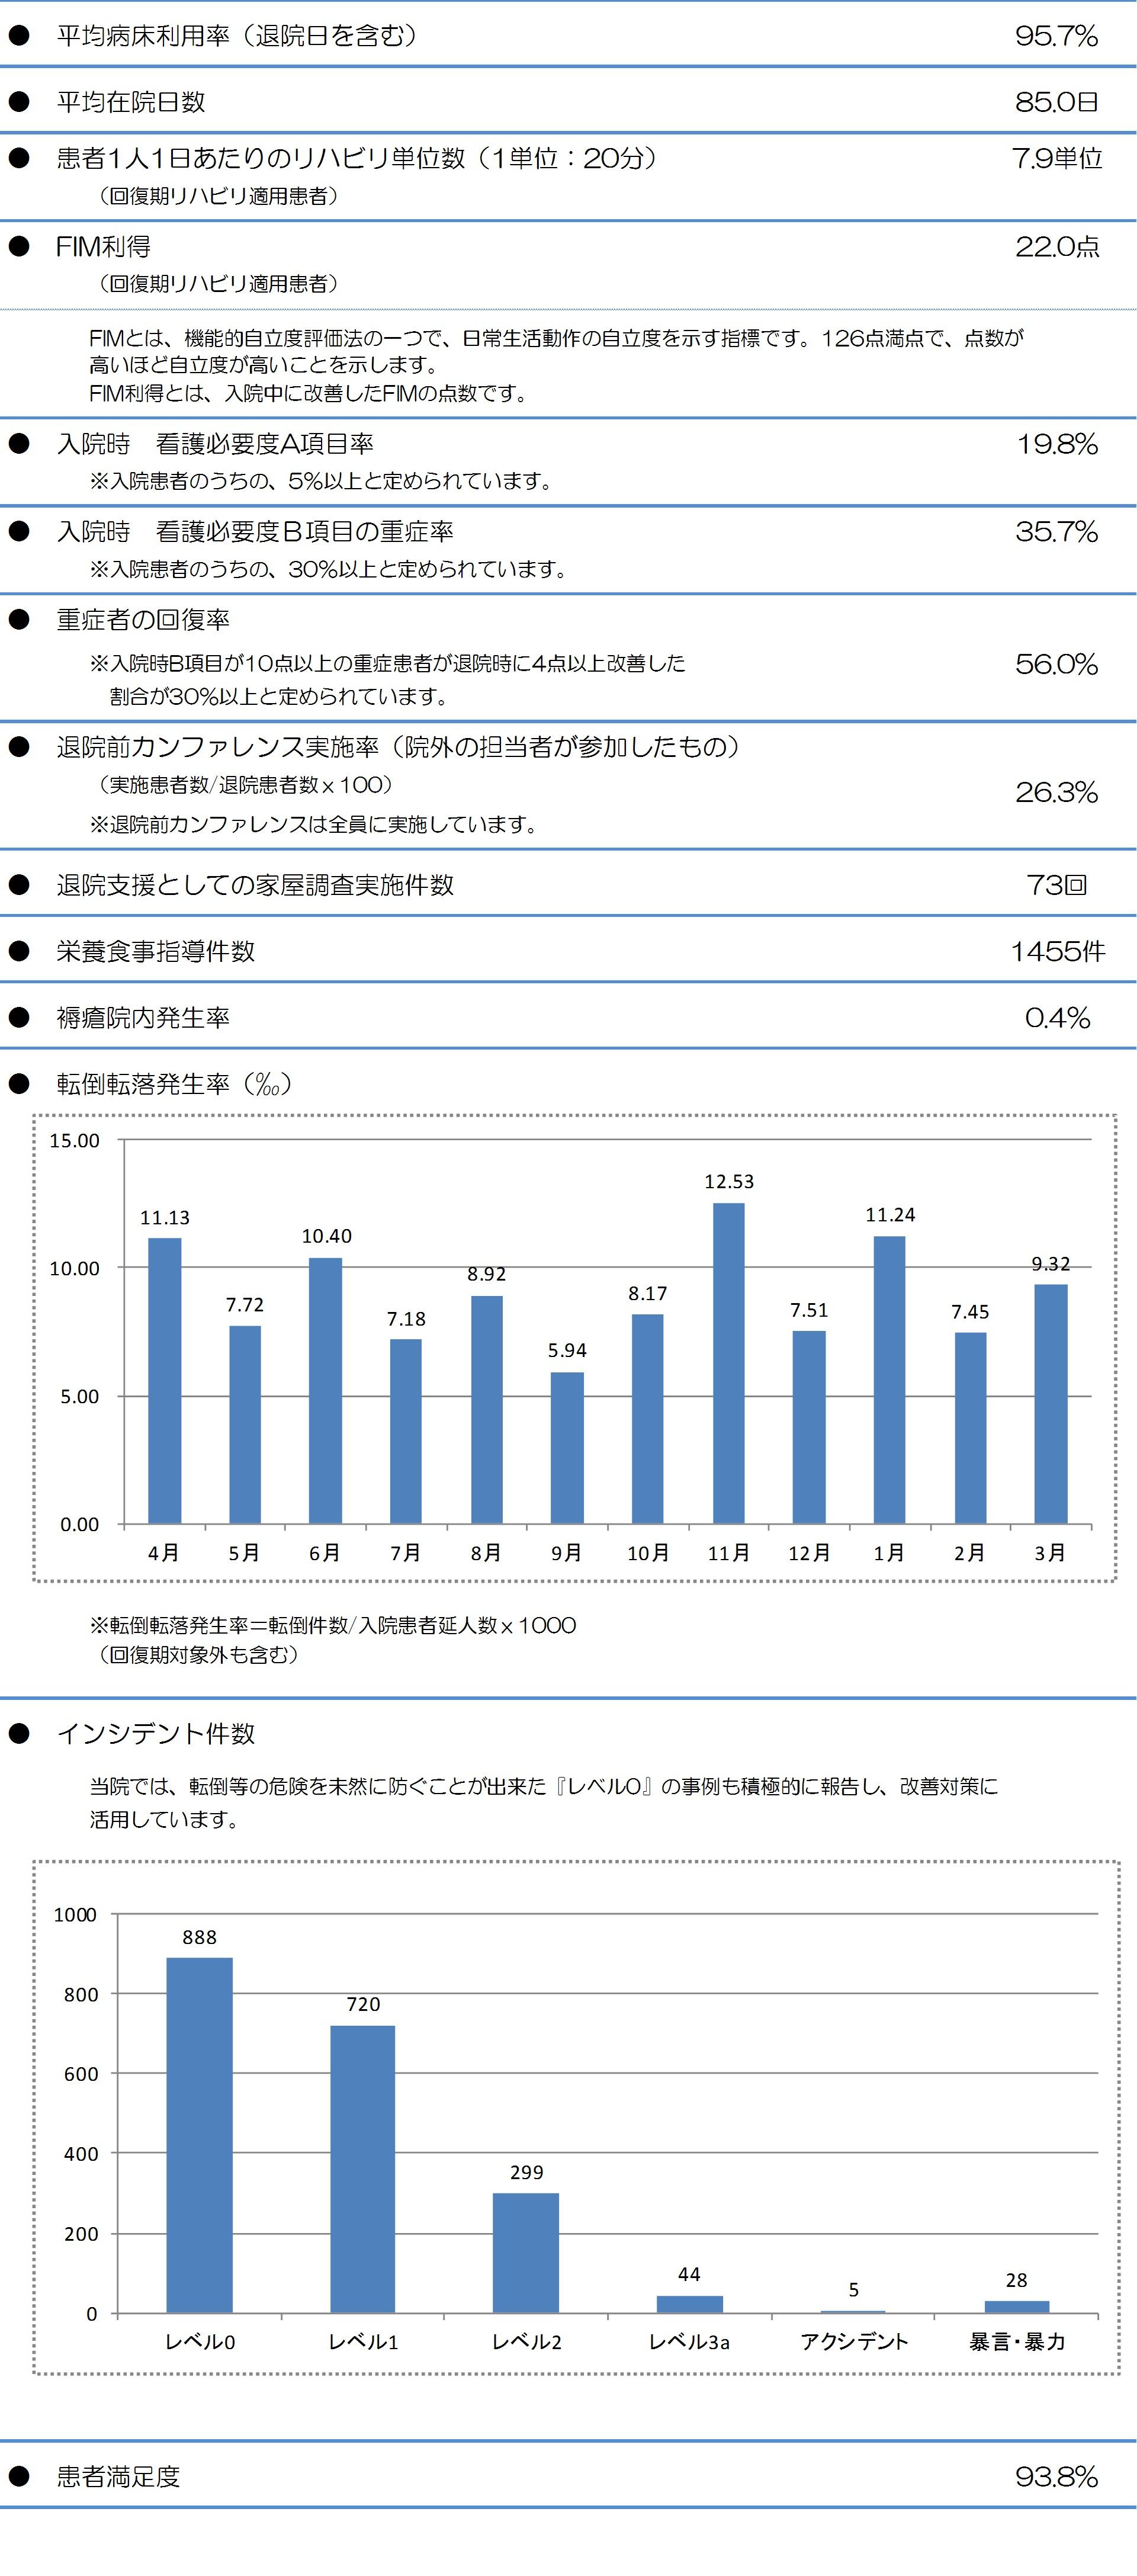 統計資料26